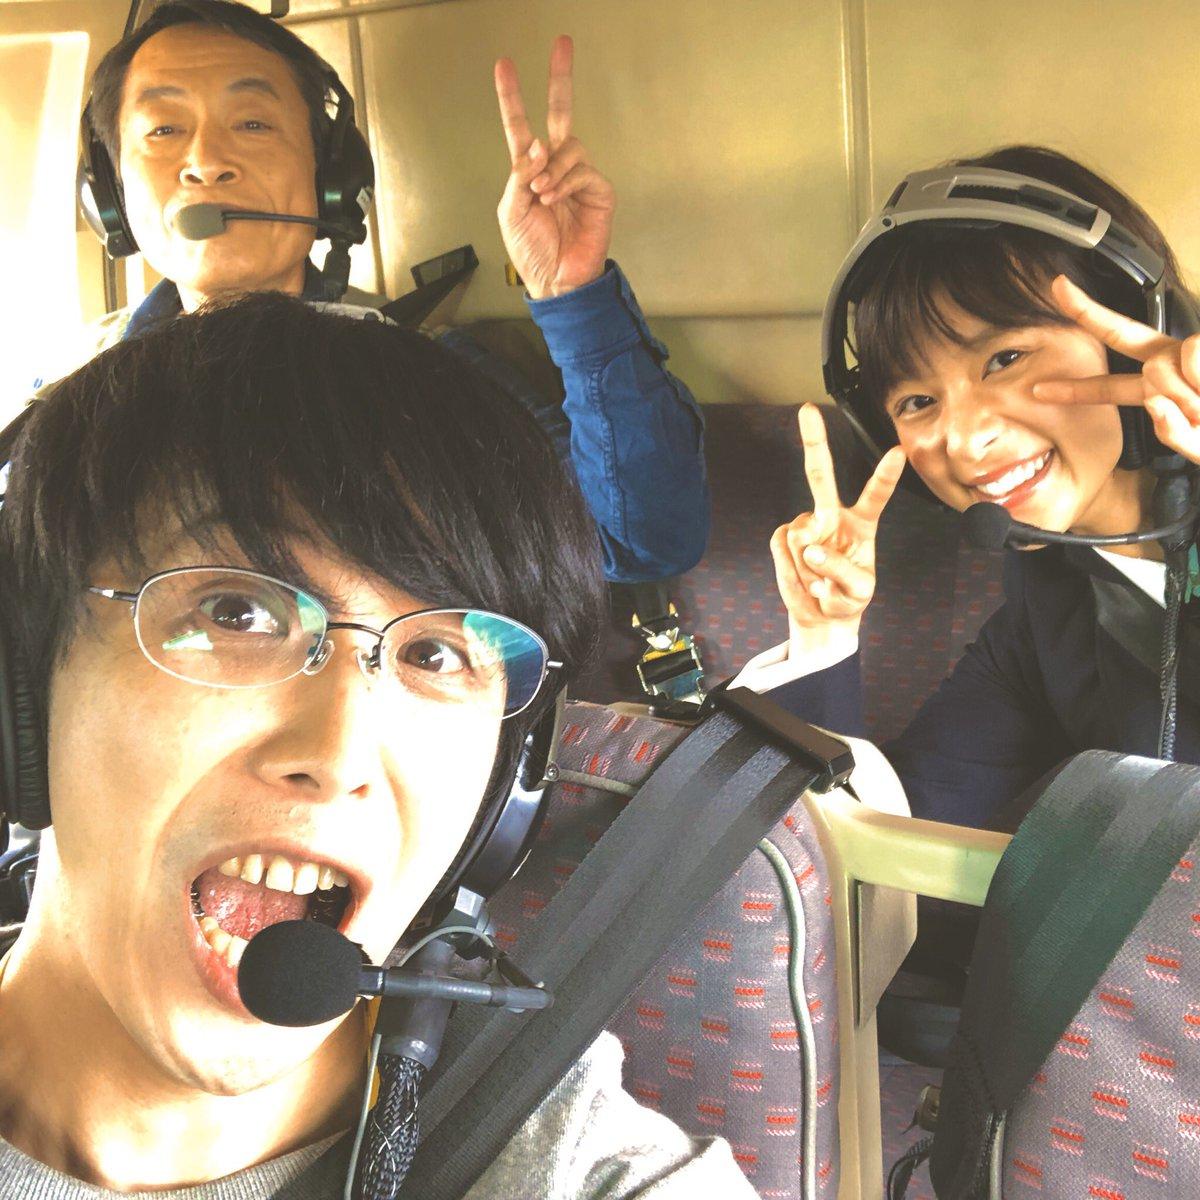 雪丸花子(#芳根京子 さん)、巨匠(#大鷹明良 さん)とのヘリでの撮影も思い出深い!!! まさかこのお二方と札幌上空を舞うことになるとは。 まあ、実際オレは繰り返される旋回で酔いまくってました。笑 #チャンネルはそのまま! #全国放送 https://twitter.com/YoshineKyoko/status/1213422388194336768…pic.twitter.com/52ZNc0jOz3